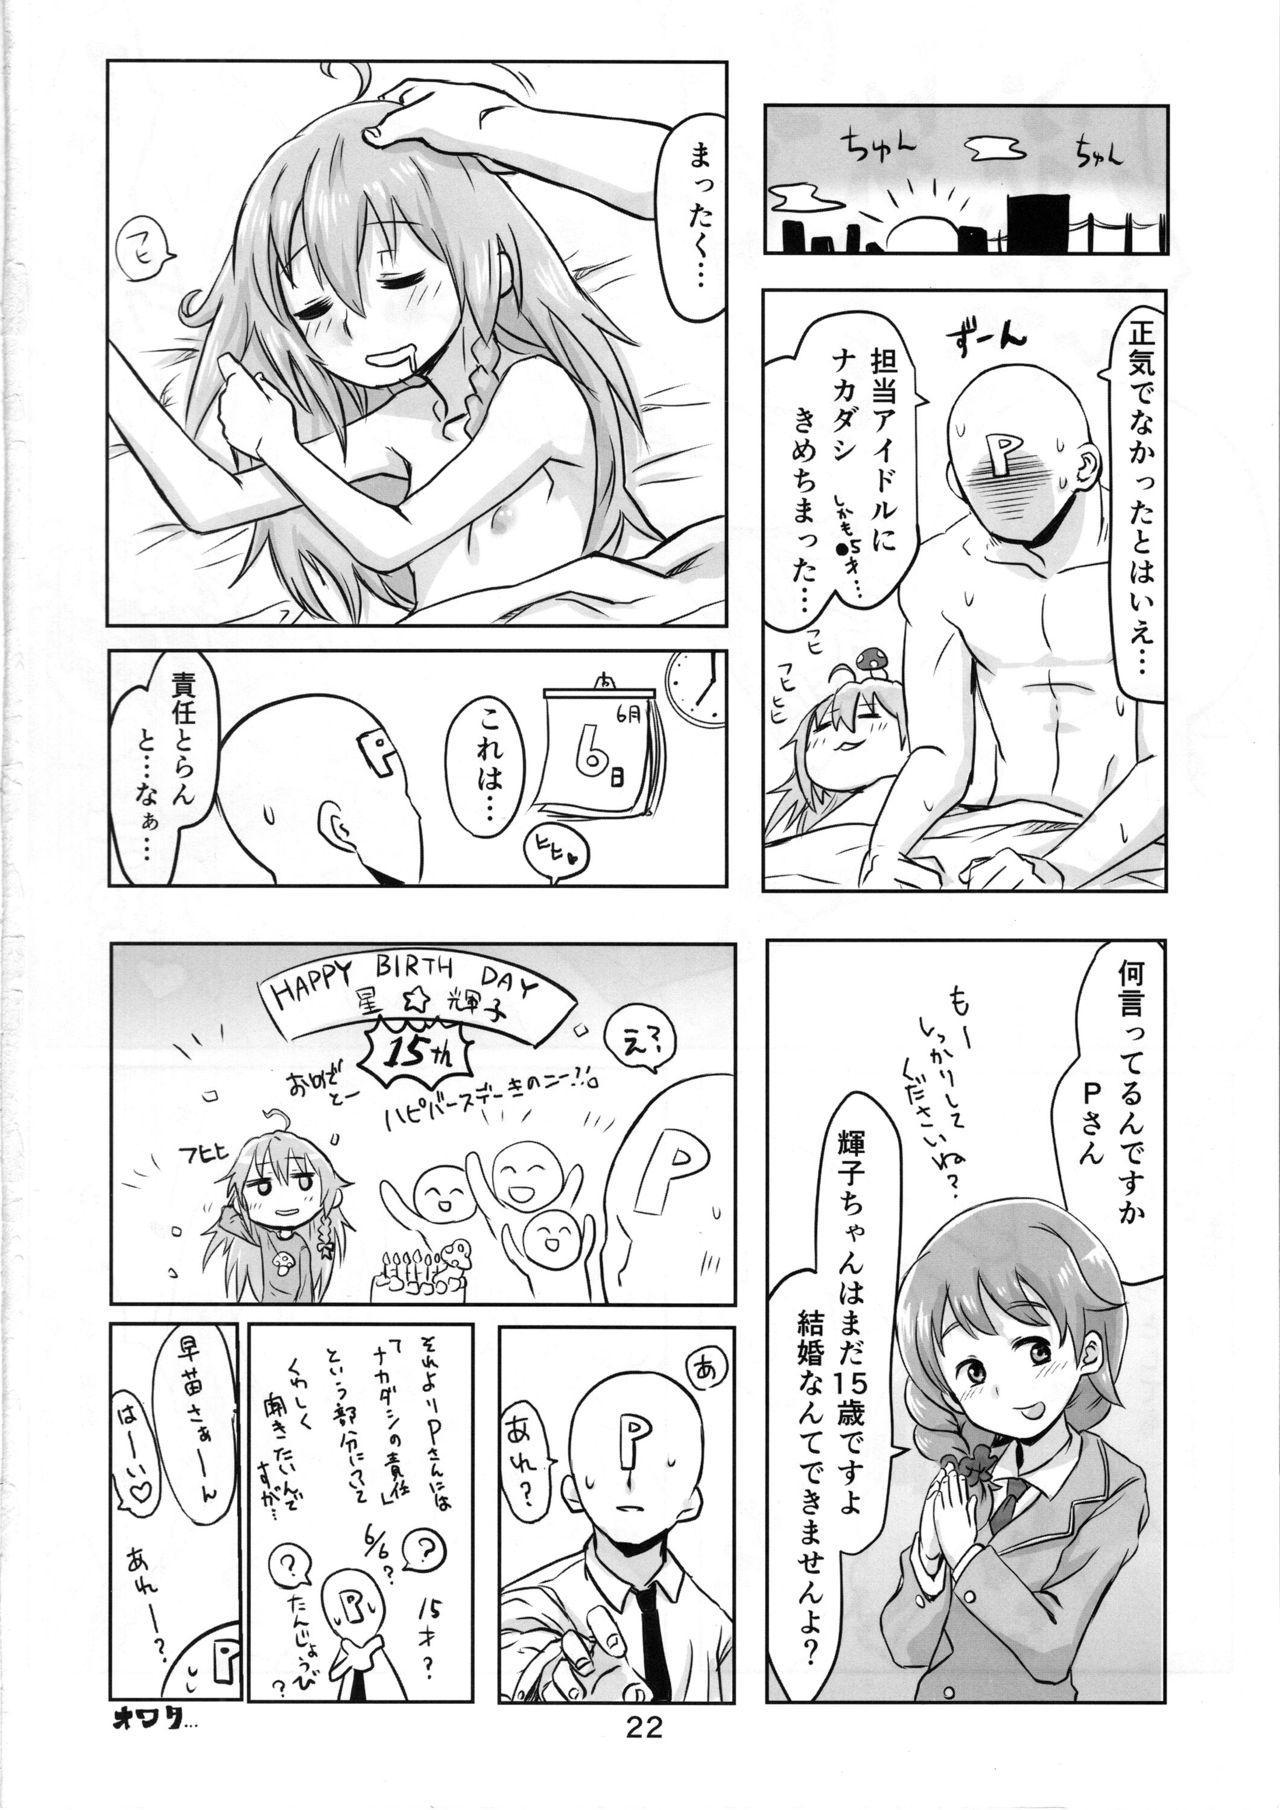 Kinoko no Houshi 22